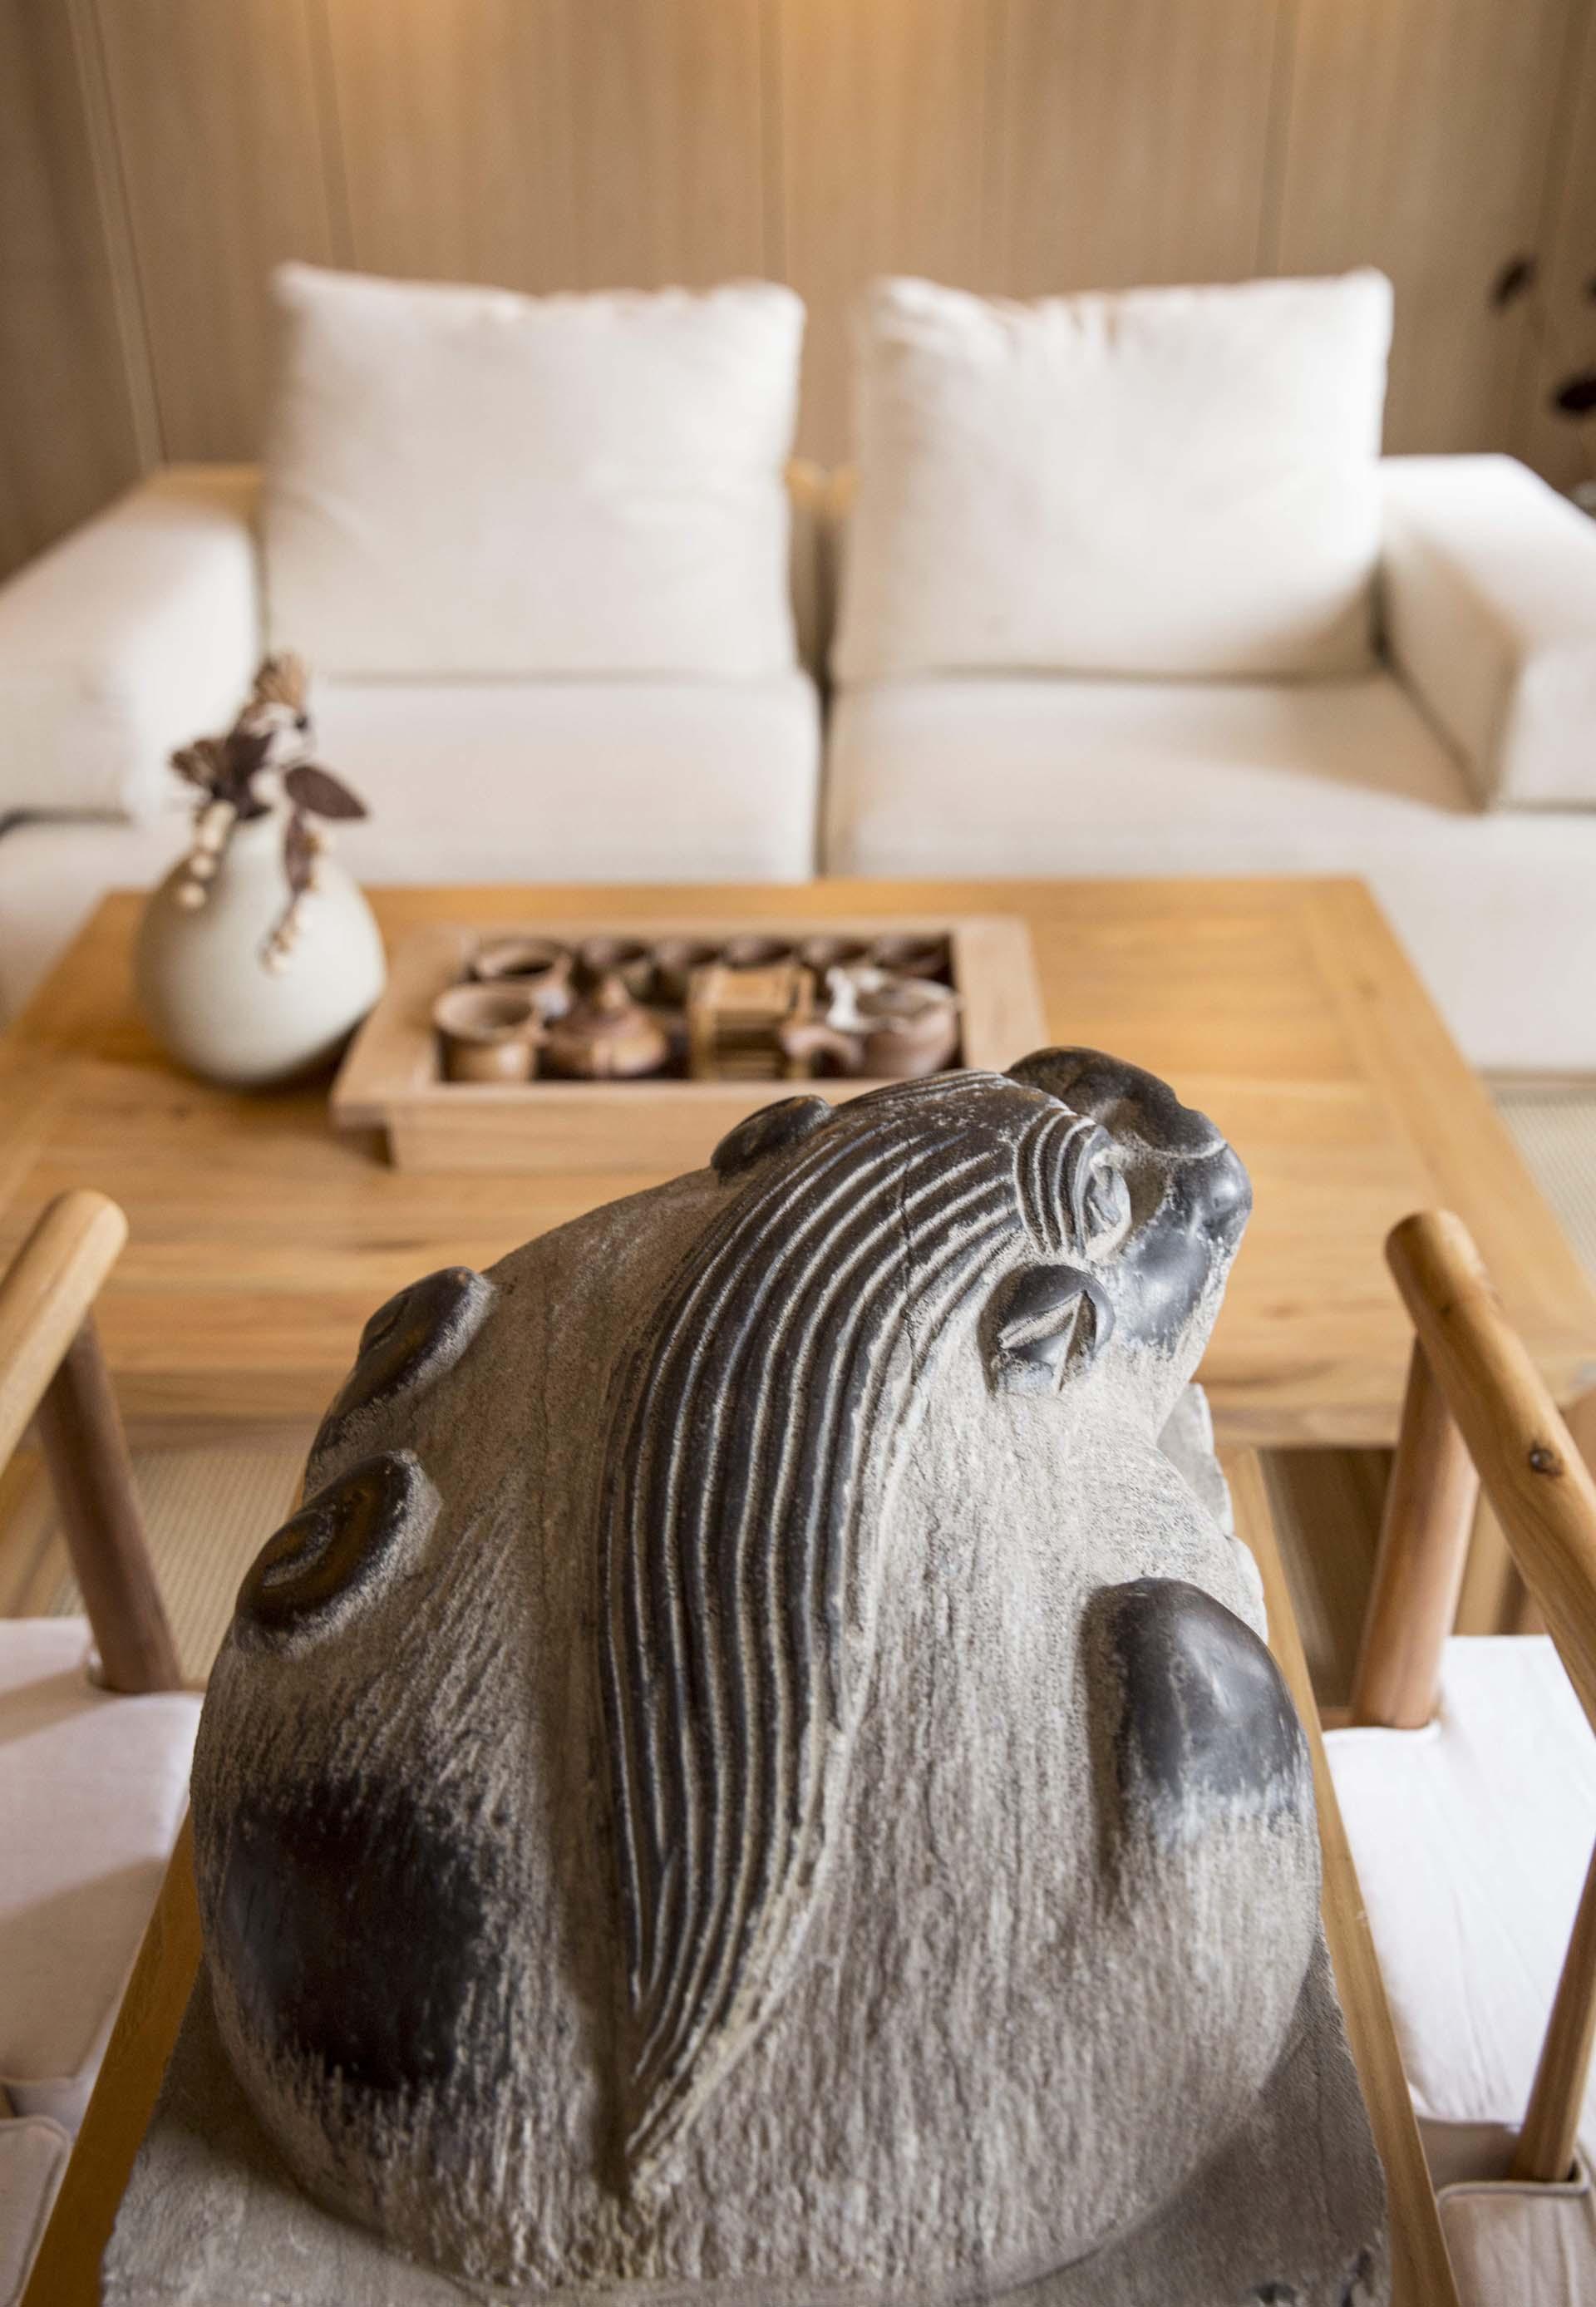 别墅 二合永设计图片来自二合永在河南二合永设计案例作品的分享